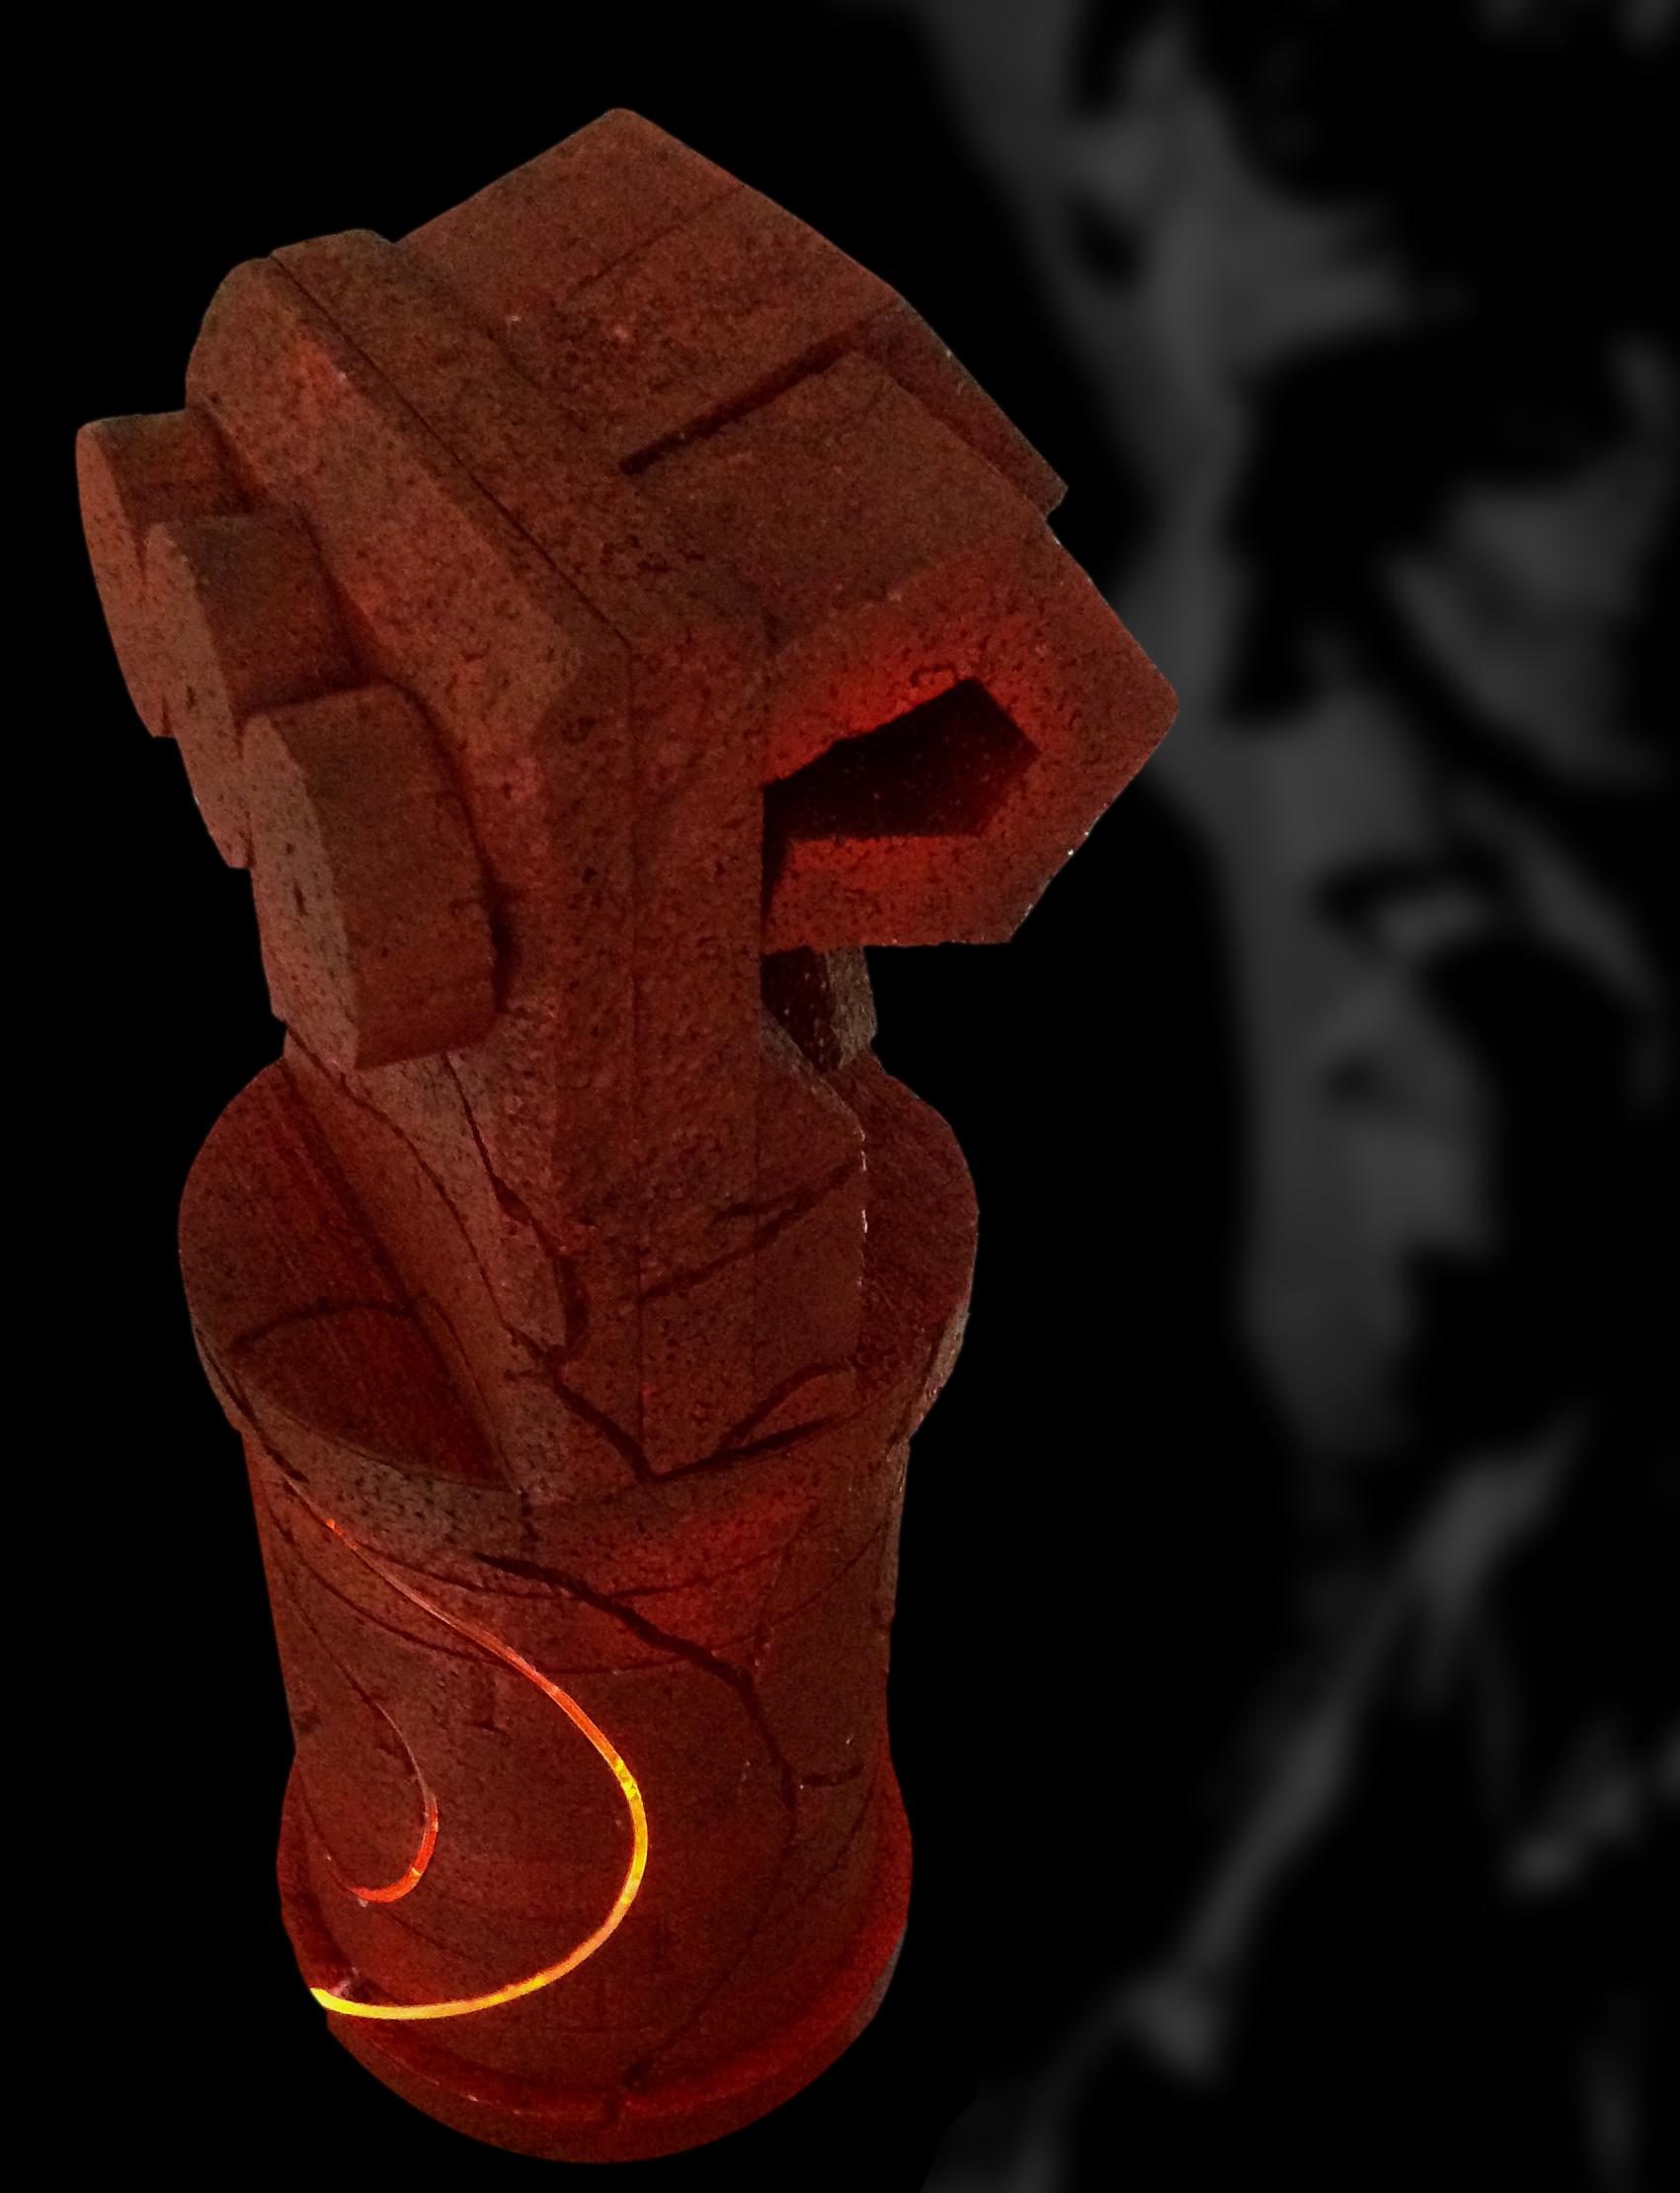 Hellboy's - Illuminating Right Hand of Doom (RHOD)